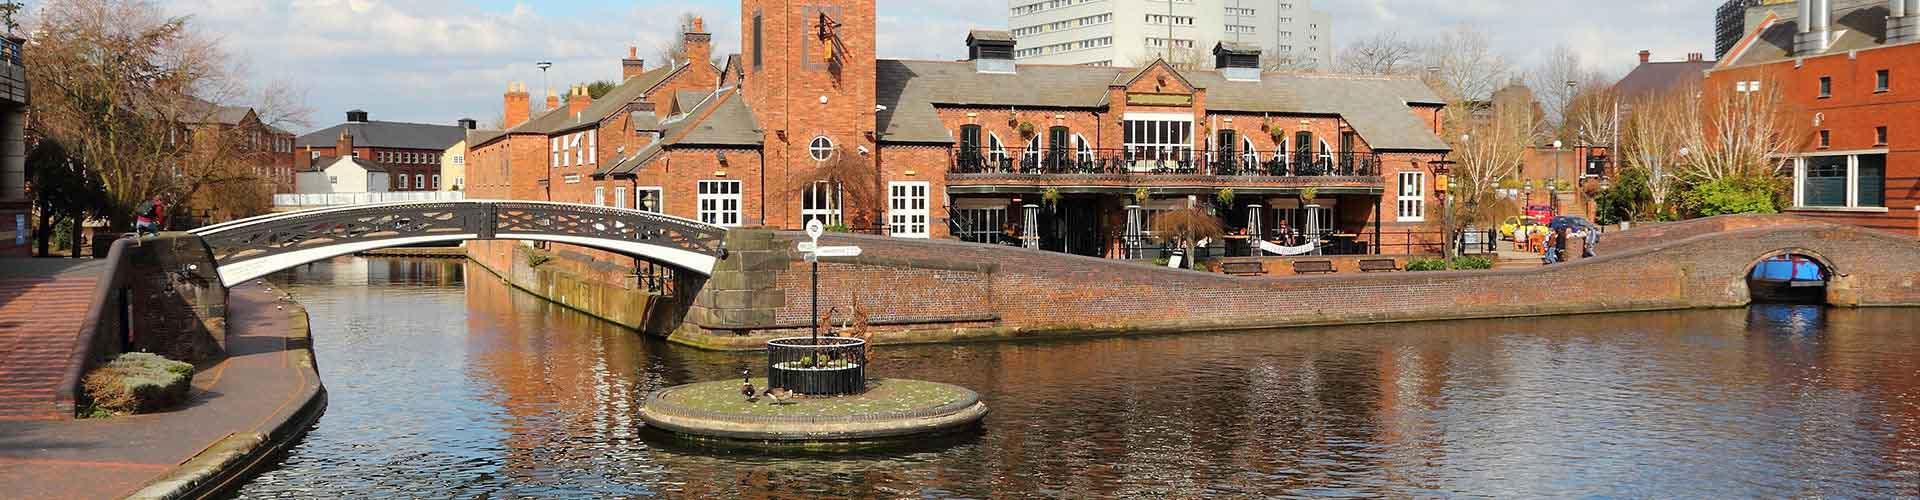 Birmingham - Hoteles baratos en el distrito Aston. Mapas de Birmingham, Fotos y comentarios de cada Hotel barato en Birmingham.